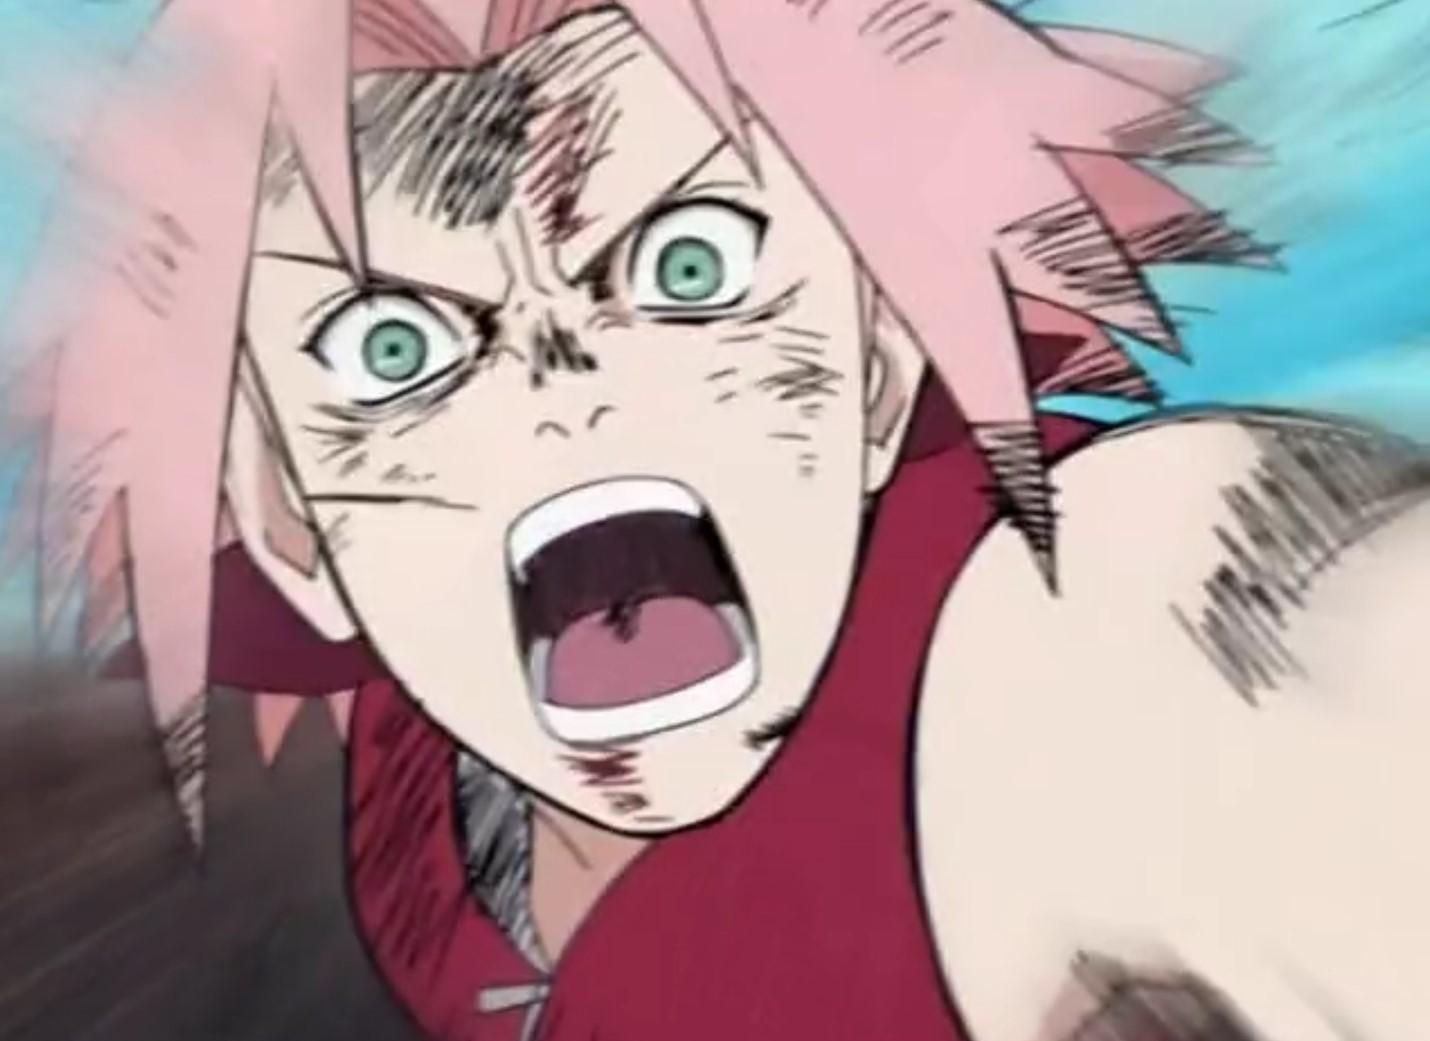 Naruto Shippuden Episódio 27, Assistir Naruto Shippuden Episódio 27, Assistir Naruto Shippuden Todos os Episódios Legendado, Naruto Shippuden episódio 27,HD